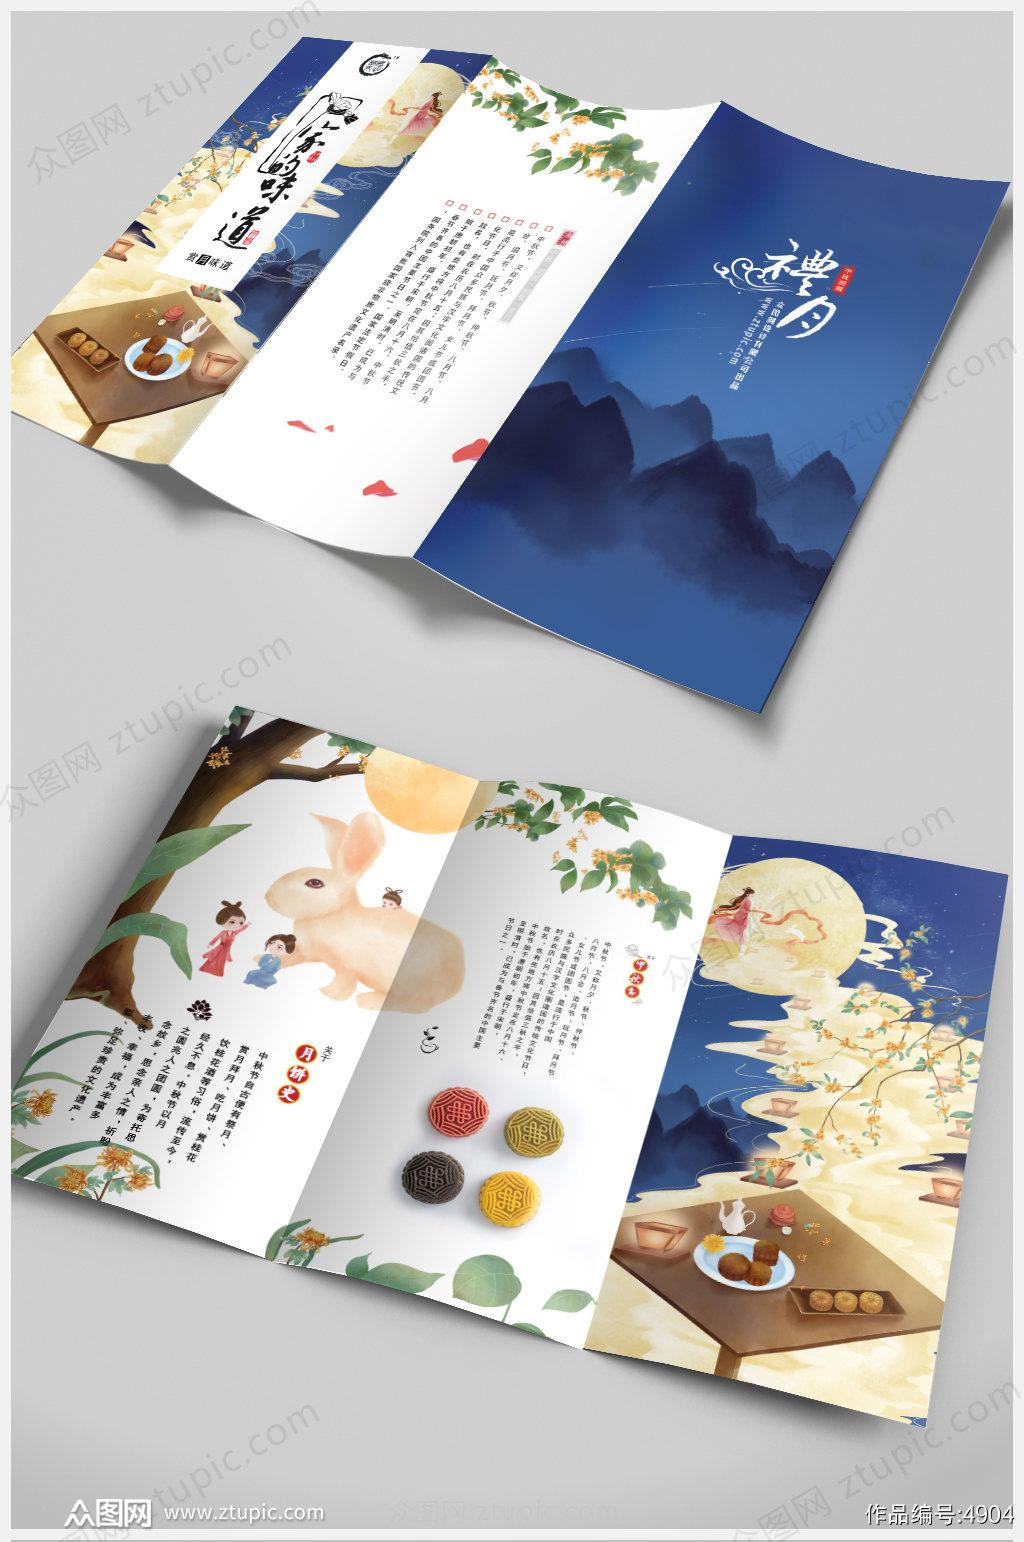 中秋节月饼折页图片素材